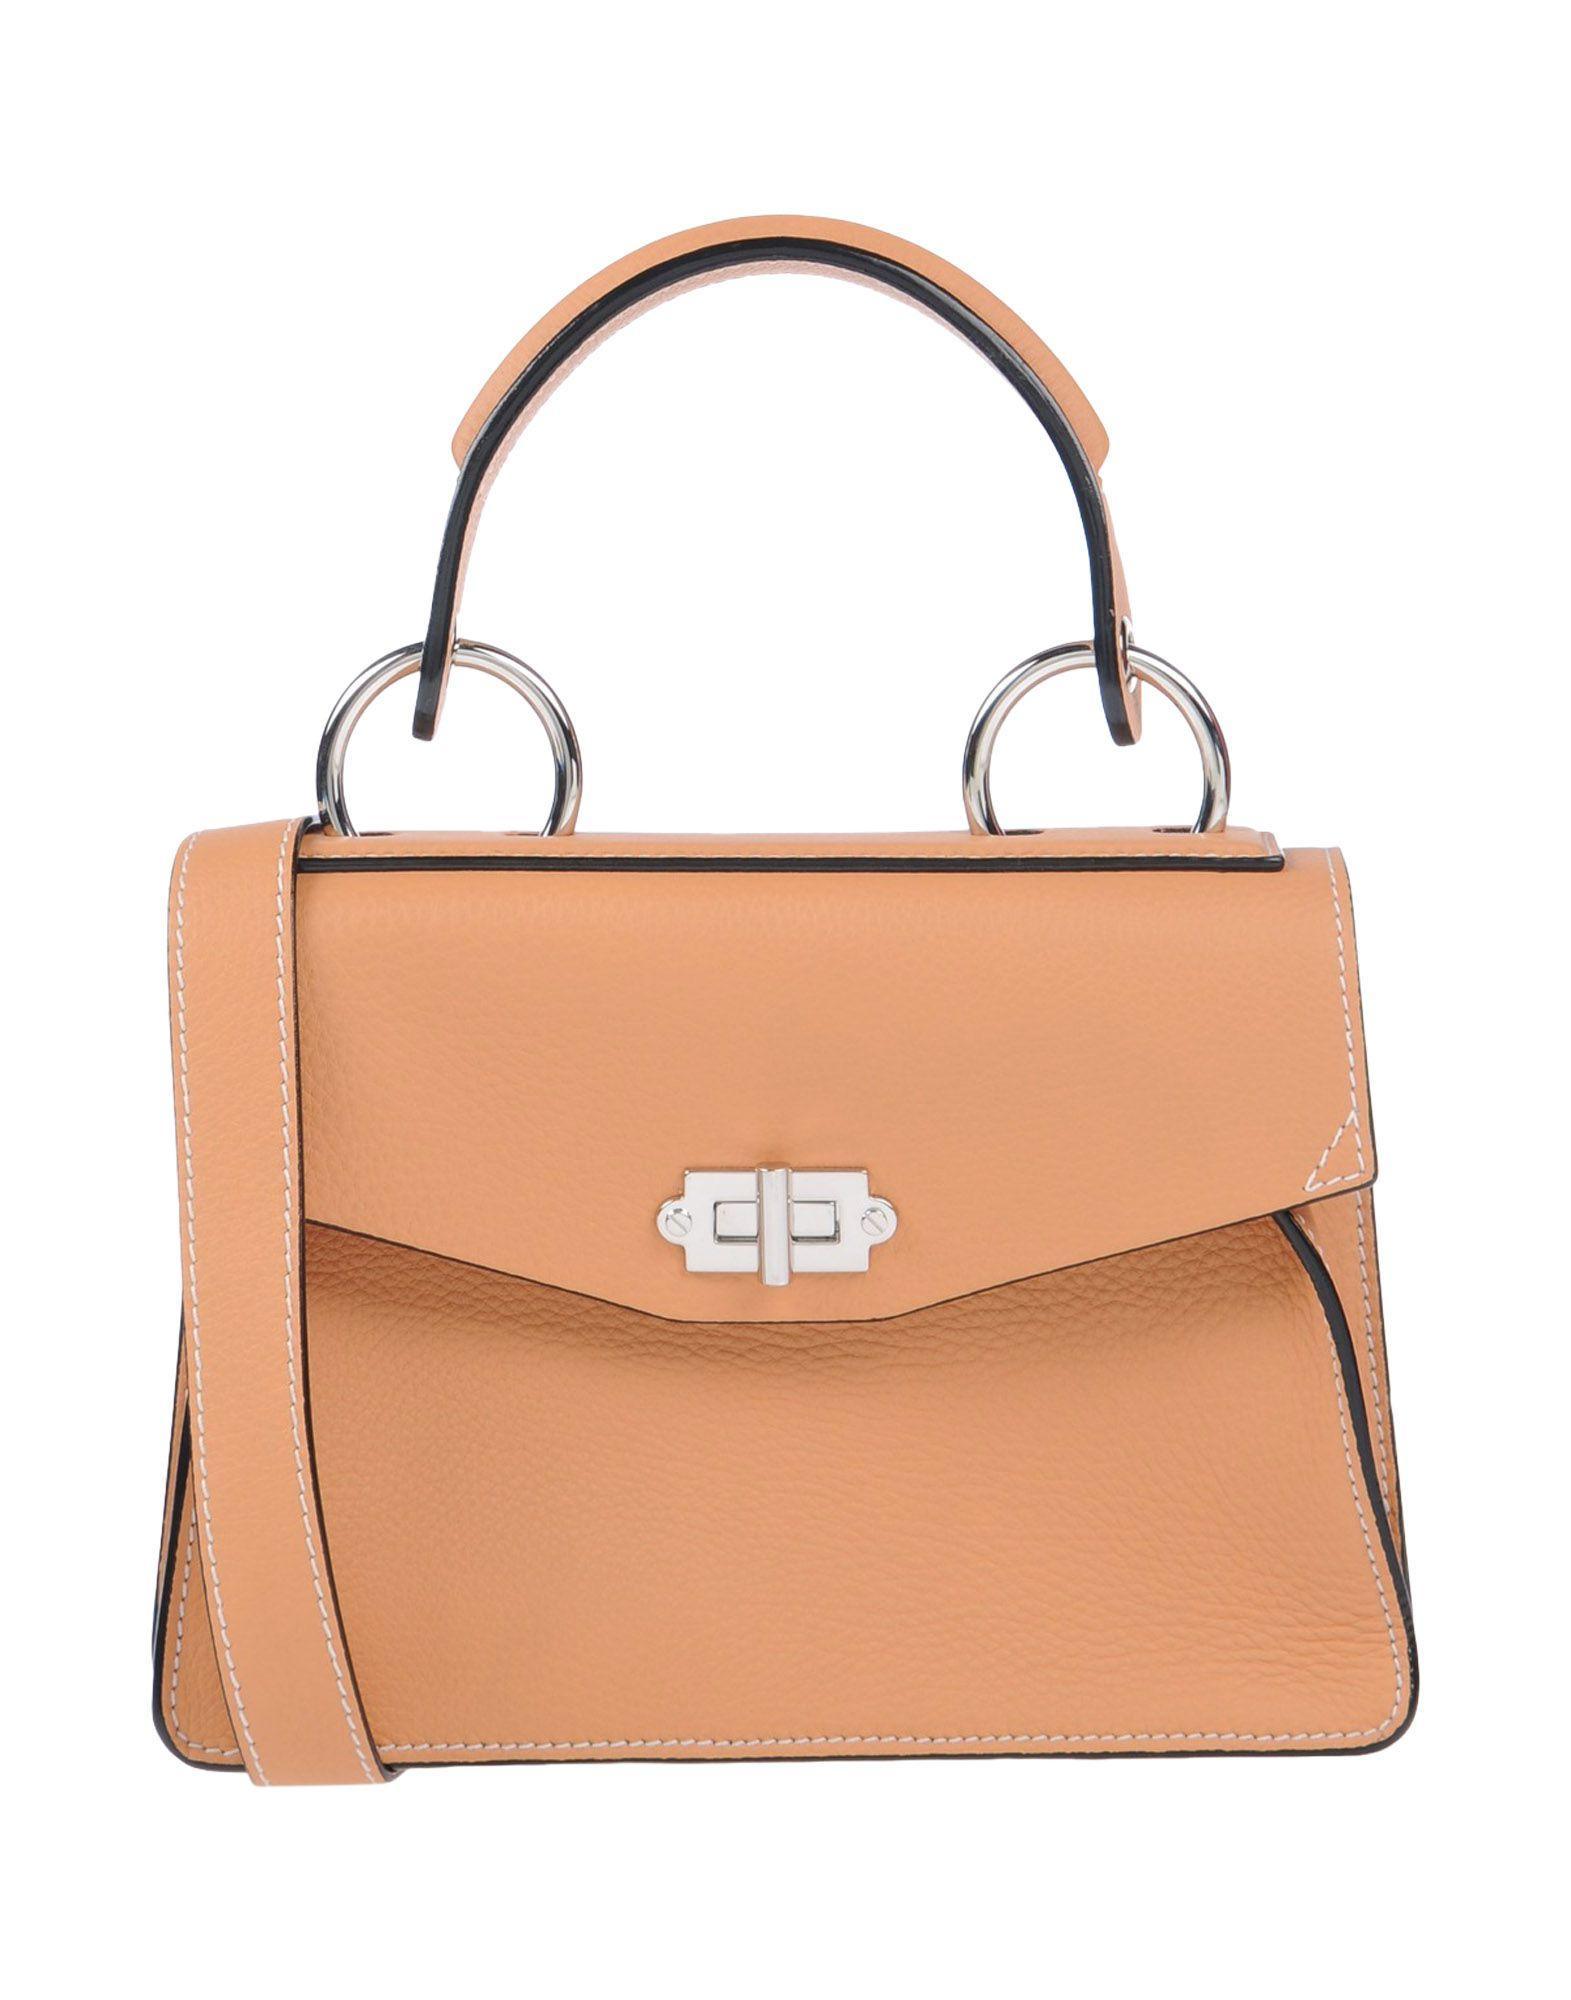 Proenza Schouler Handbags In Sand